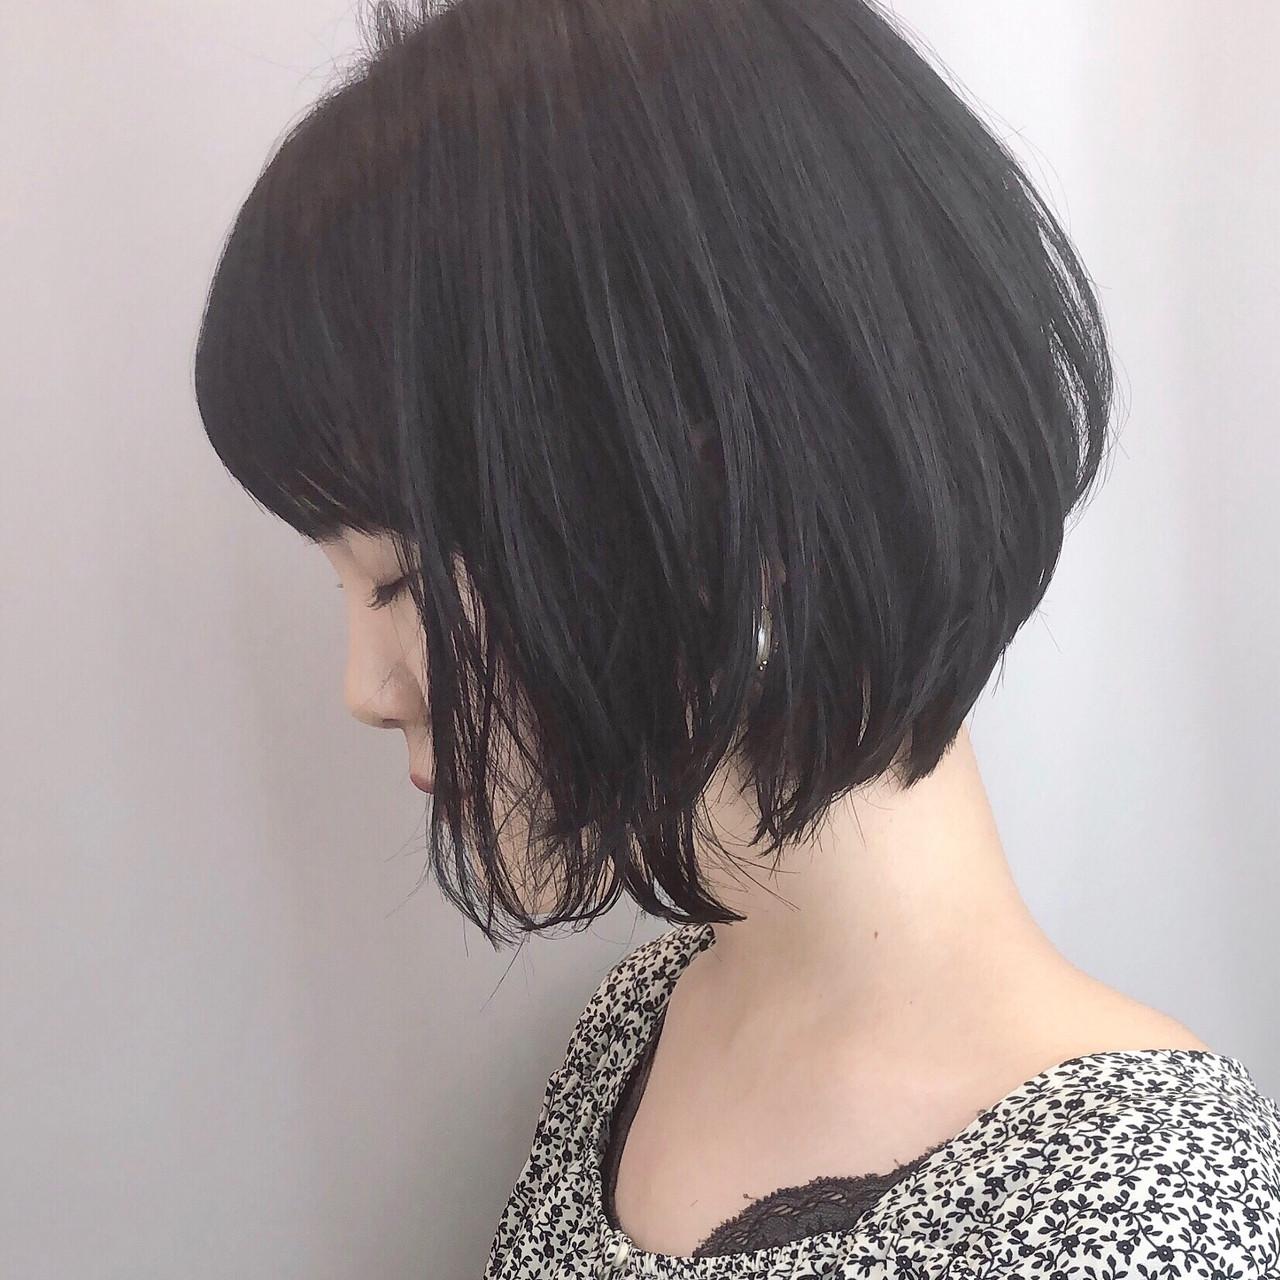 小顔ショート ナチュラル デート 黒髪 ヘアスタイルや髪型の写真・画像 | 川原梨央 / モリオフロムロンドン